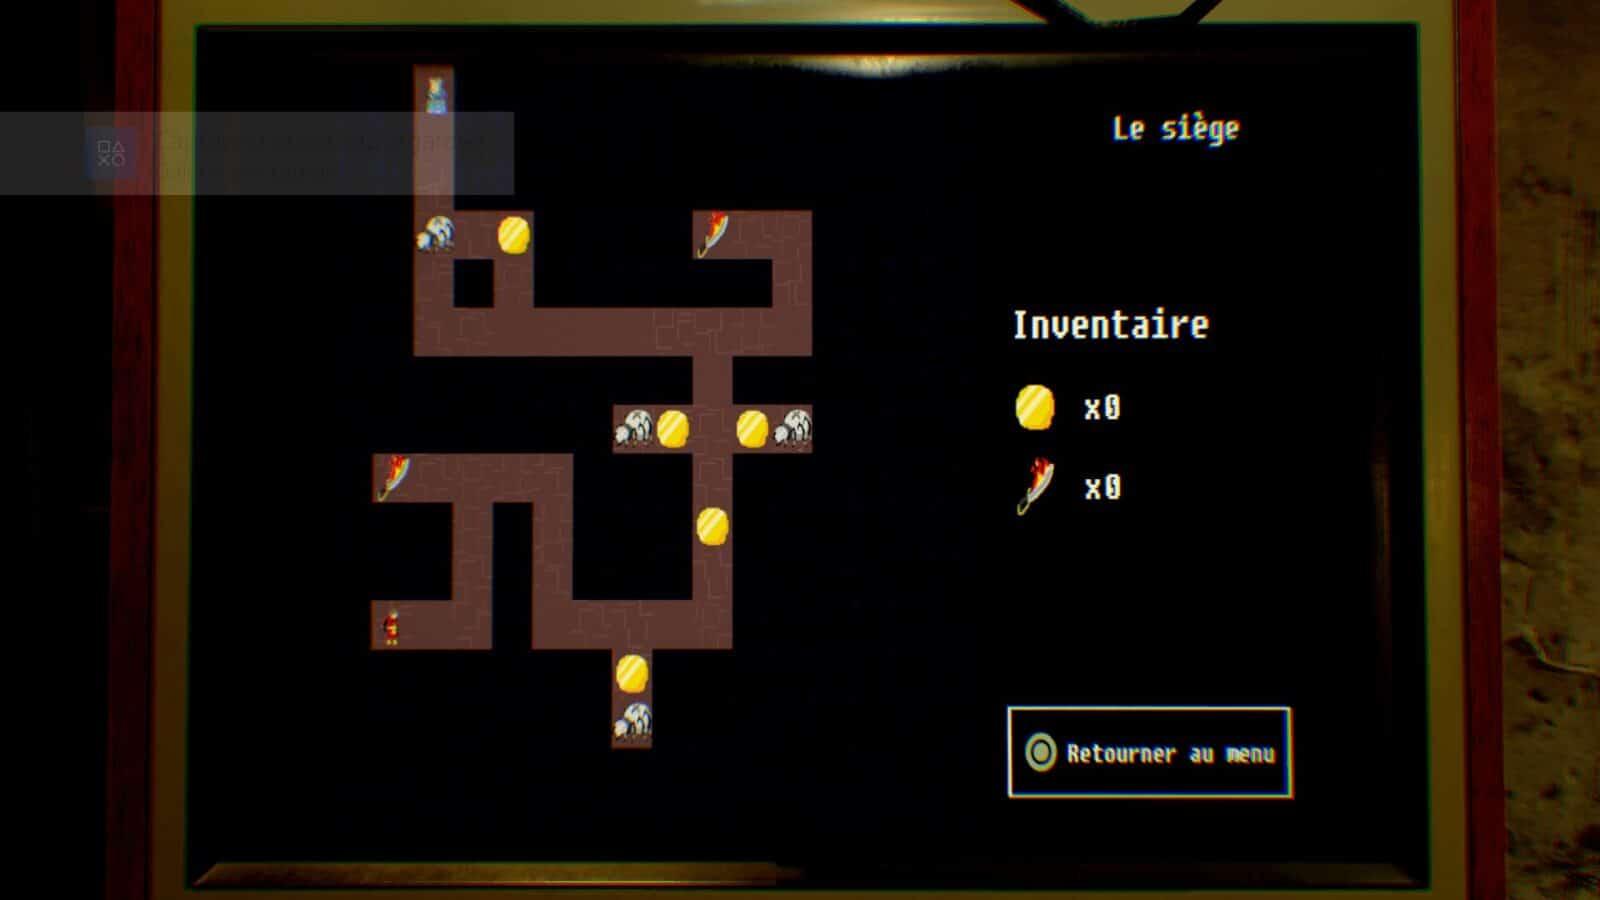 Inside le jeu dans le jeu